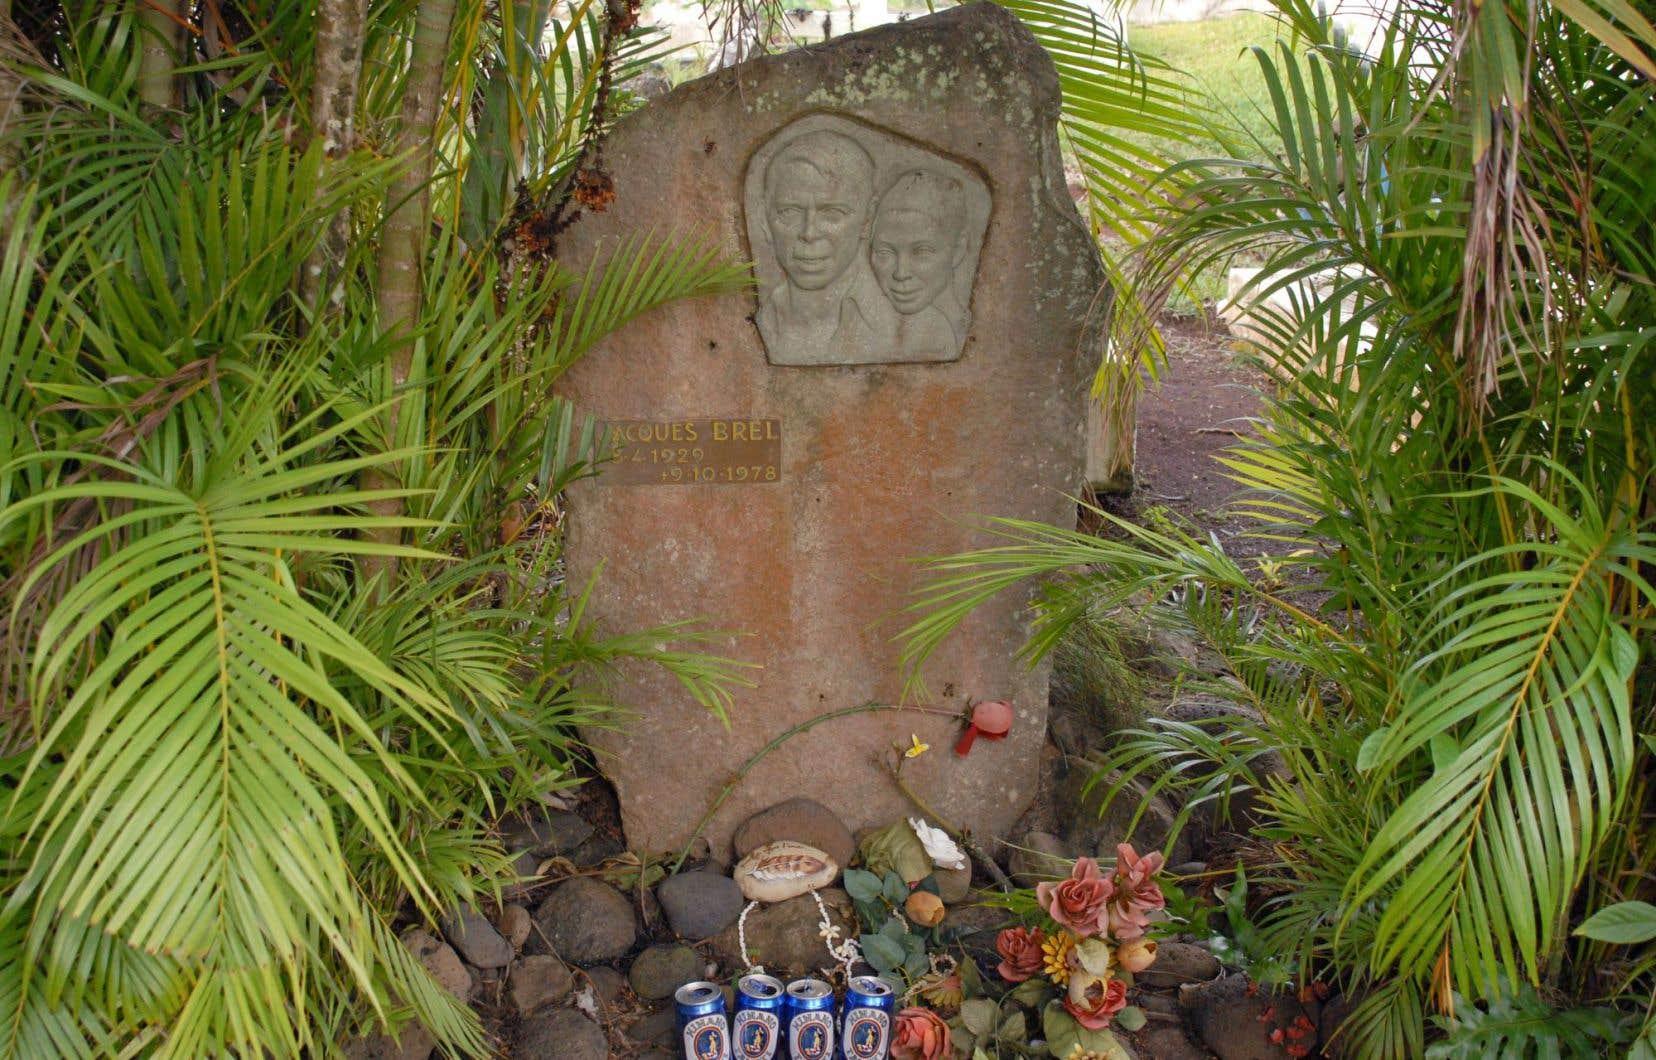 Le cimetière du Calvaire, où reposent Jacques Brel et Paul Gauguin.